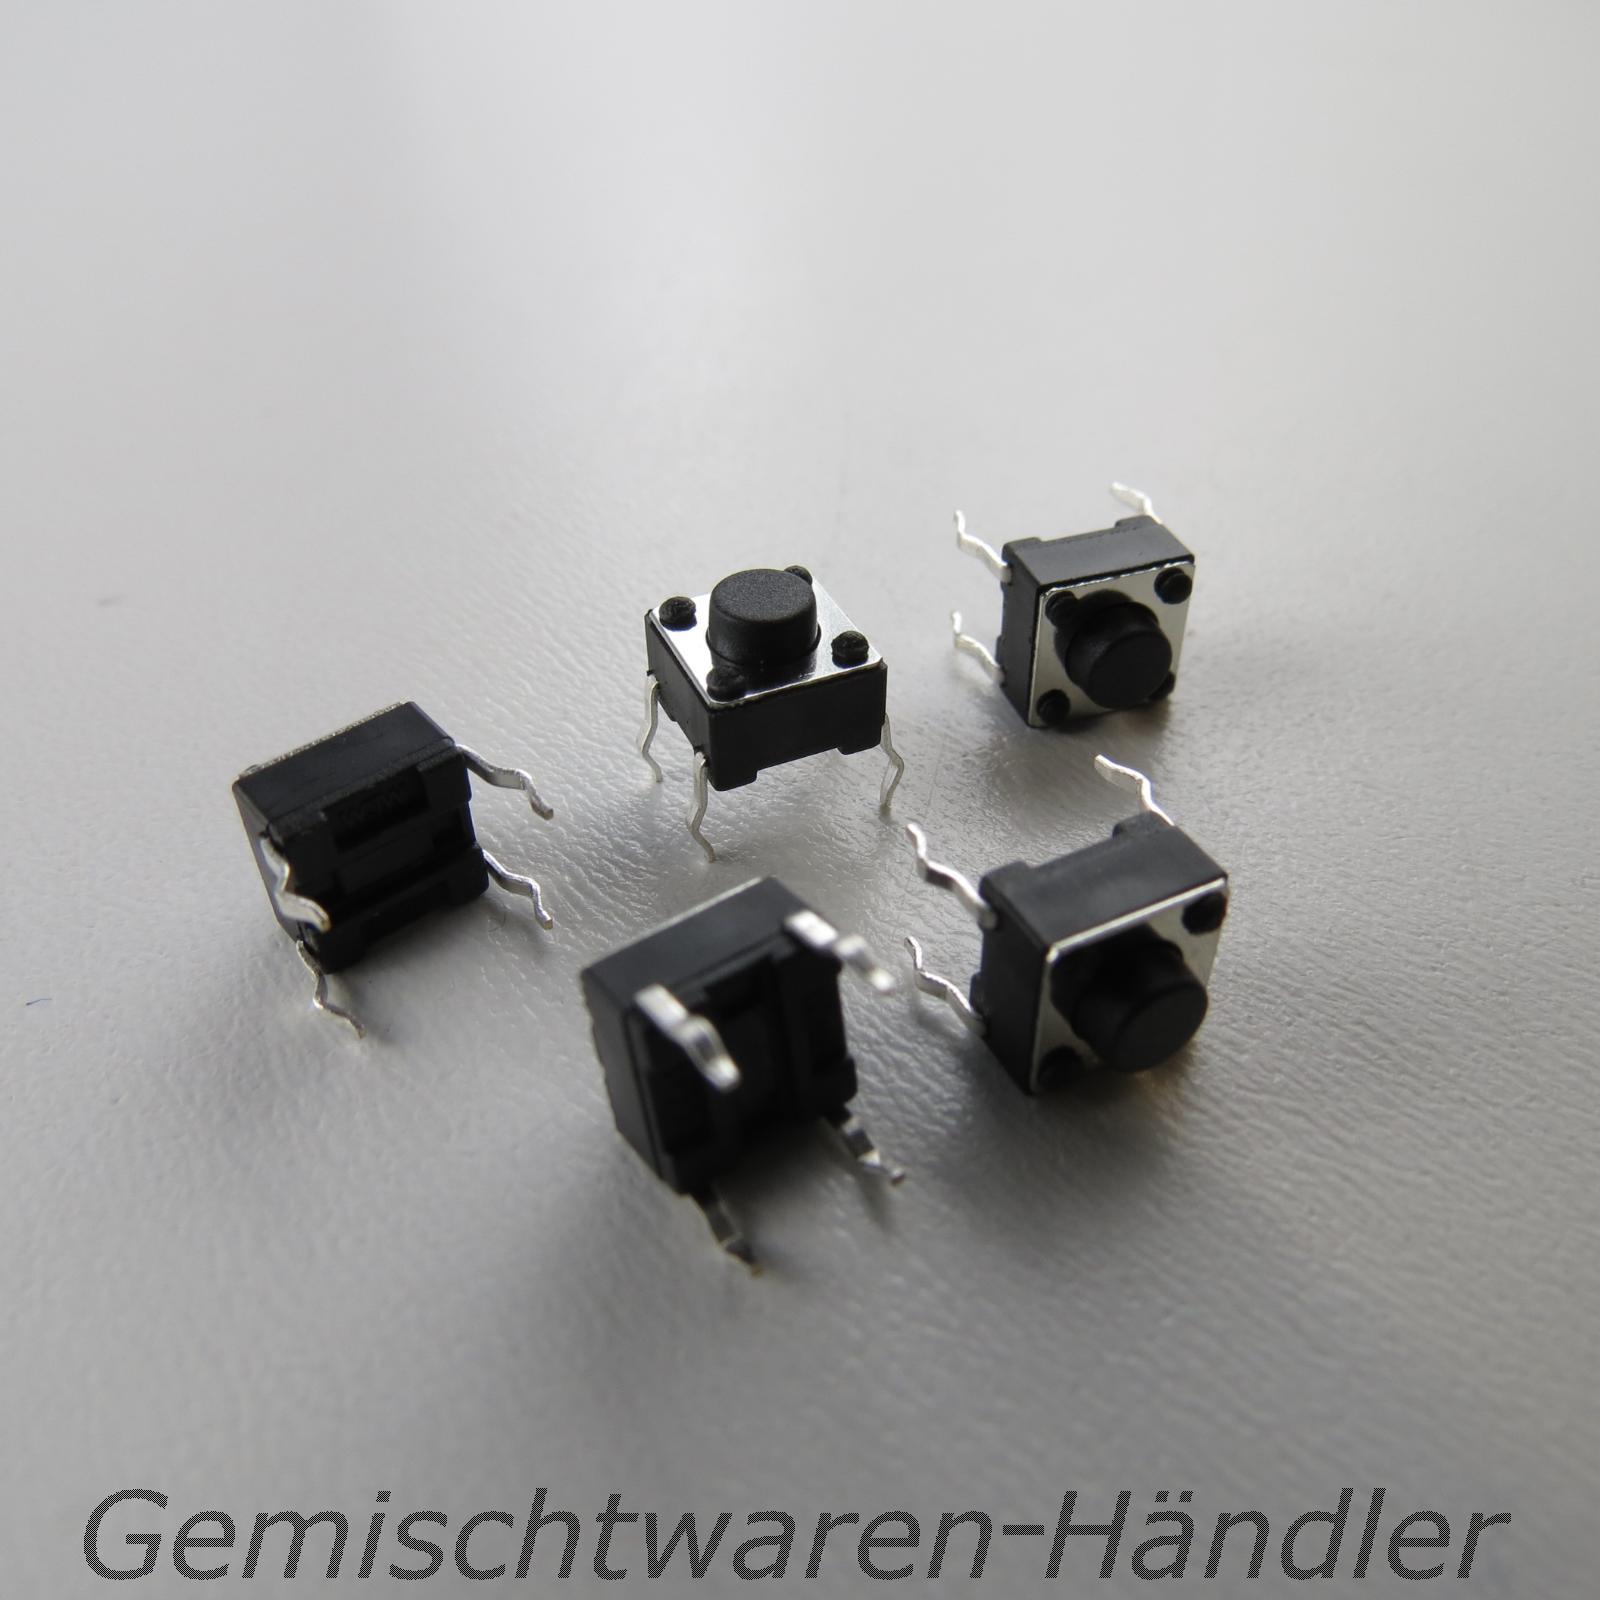 10x-Mikrotaster-Mikroschalter-AUS-EIN-6-x-6-x-5-mm-0-05A-12V-Drucktaster-mini